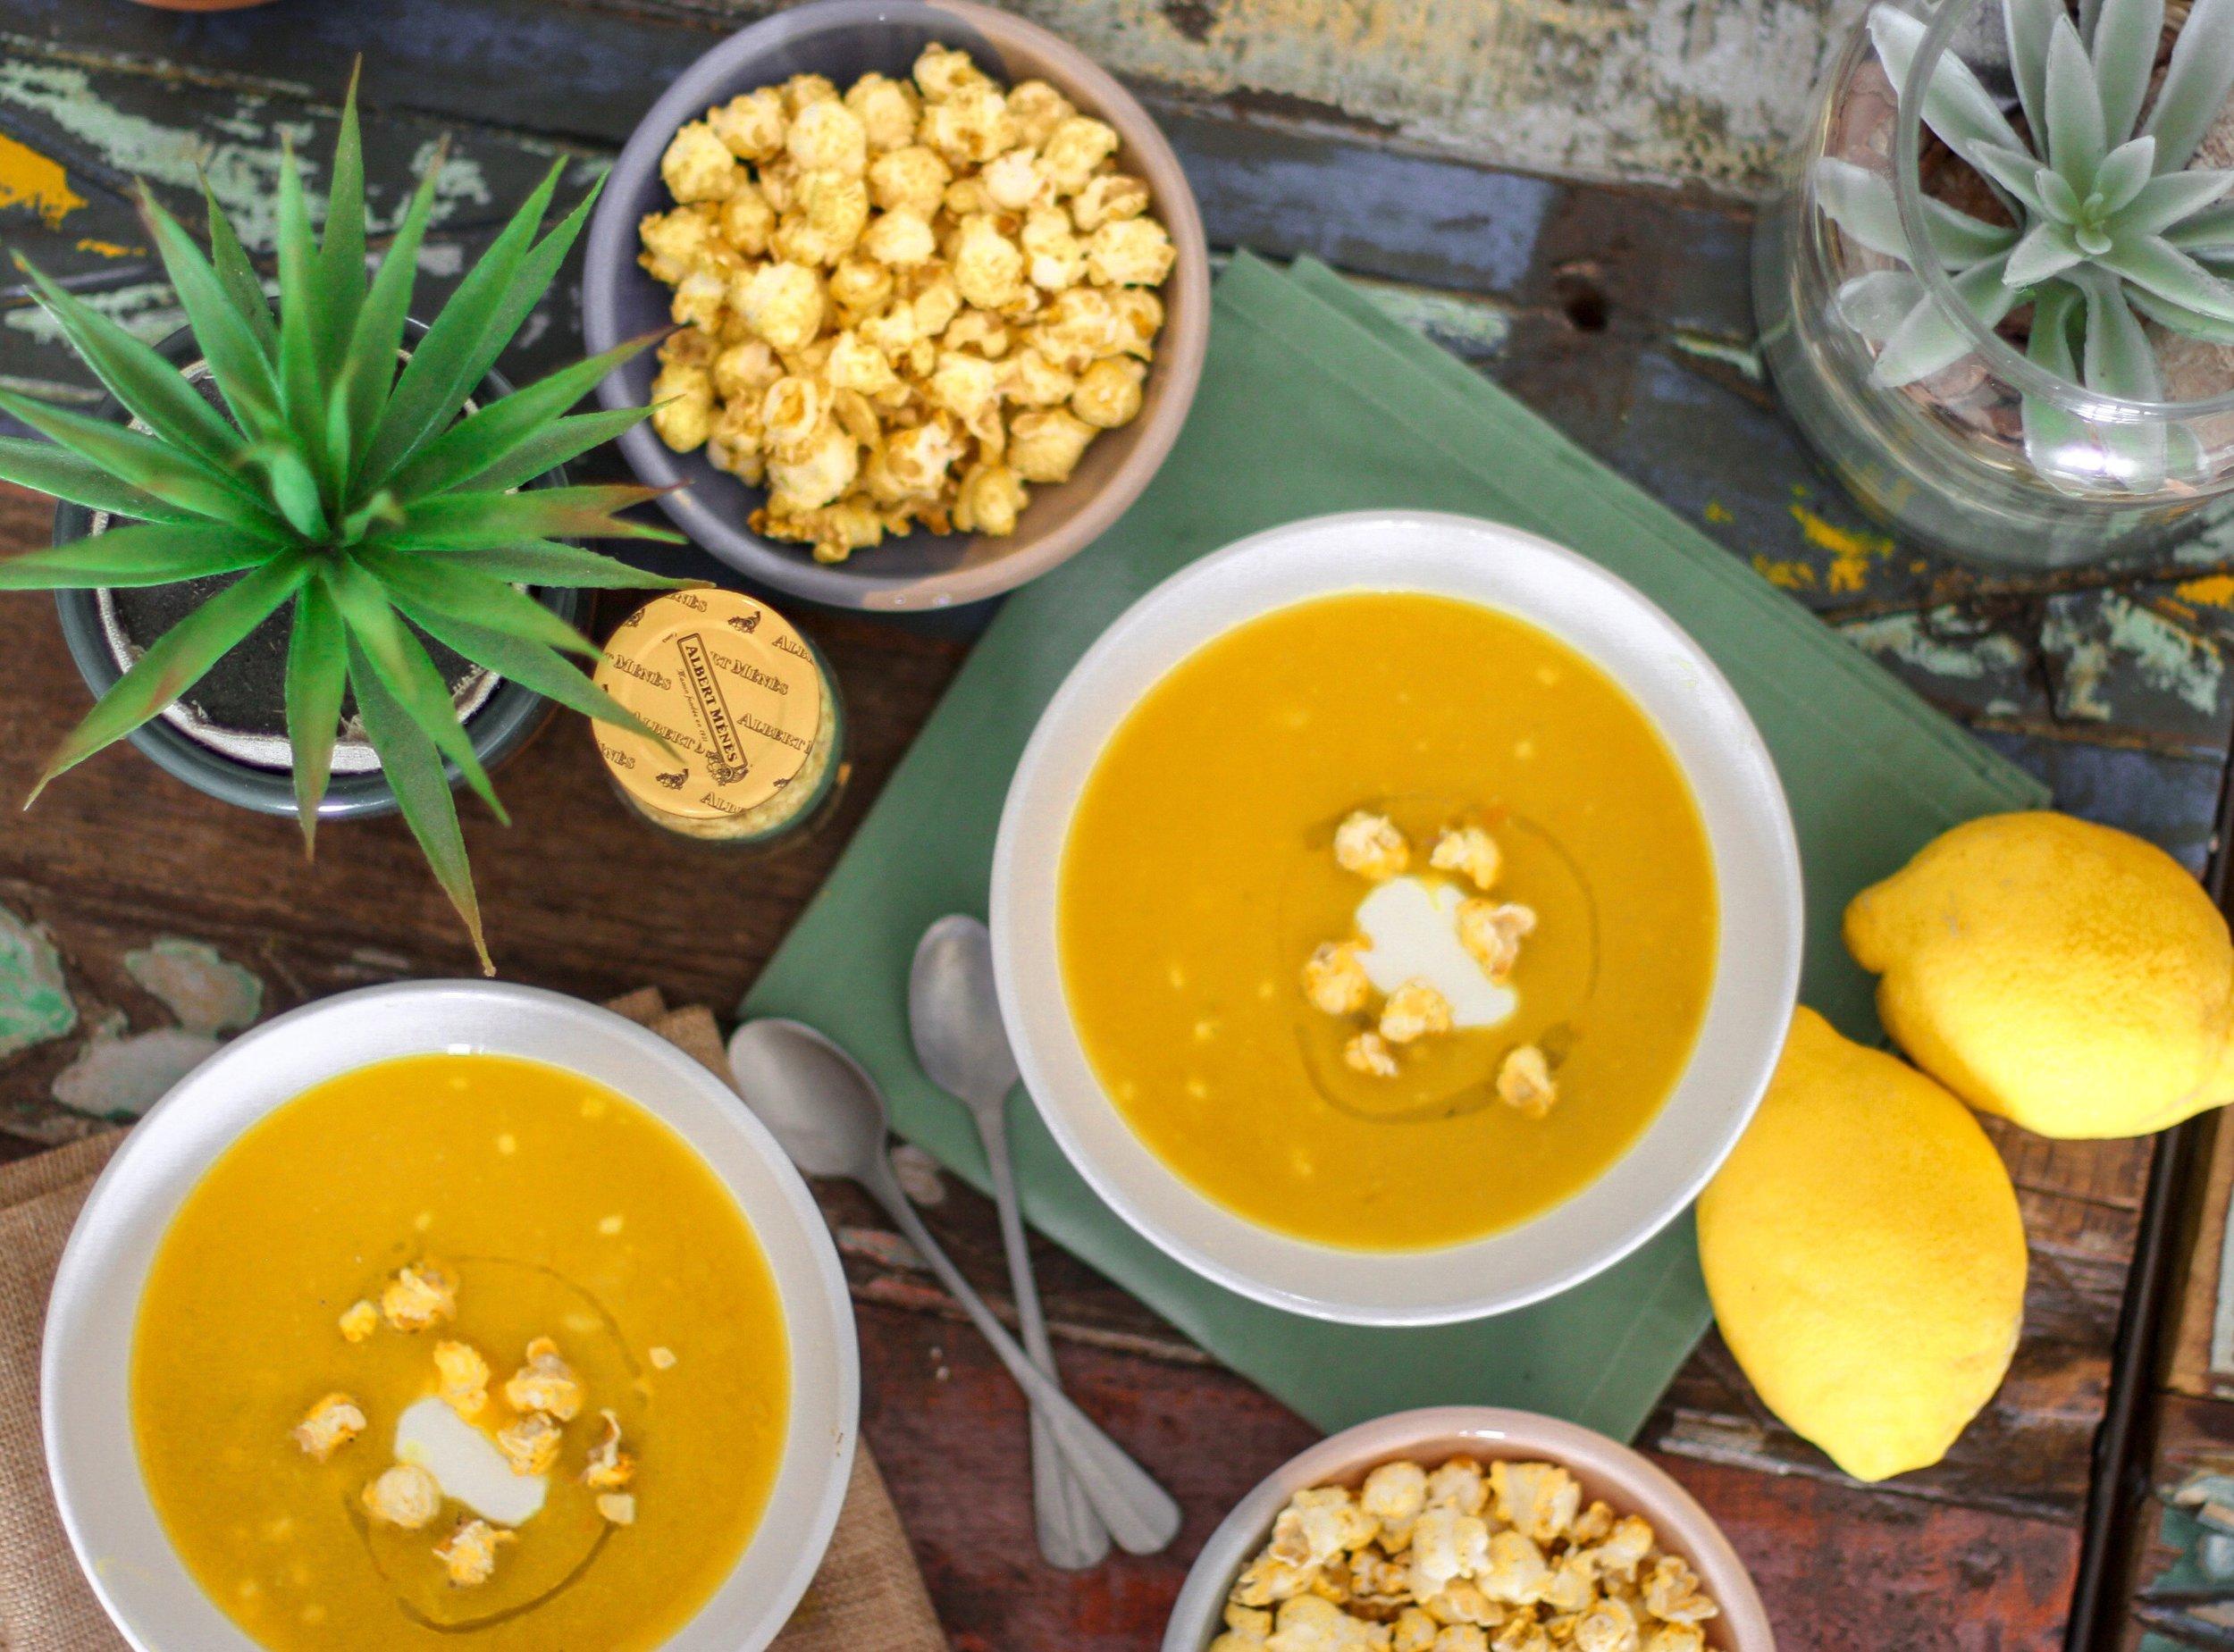 7. Servir avec des popcorn, du persil frais et des zestes de citron.